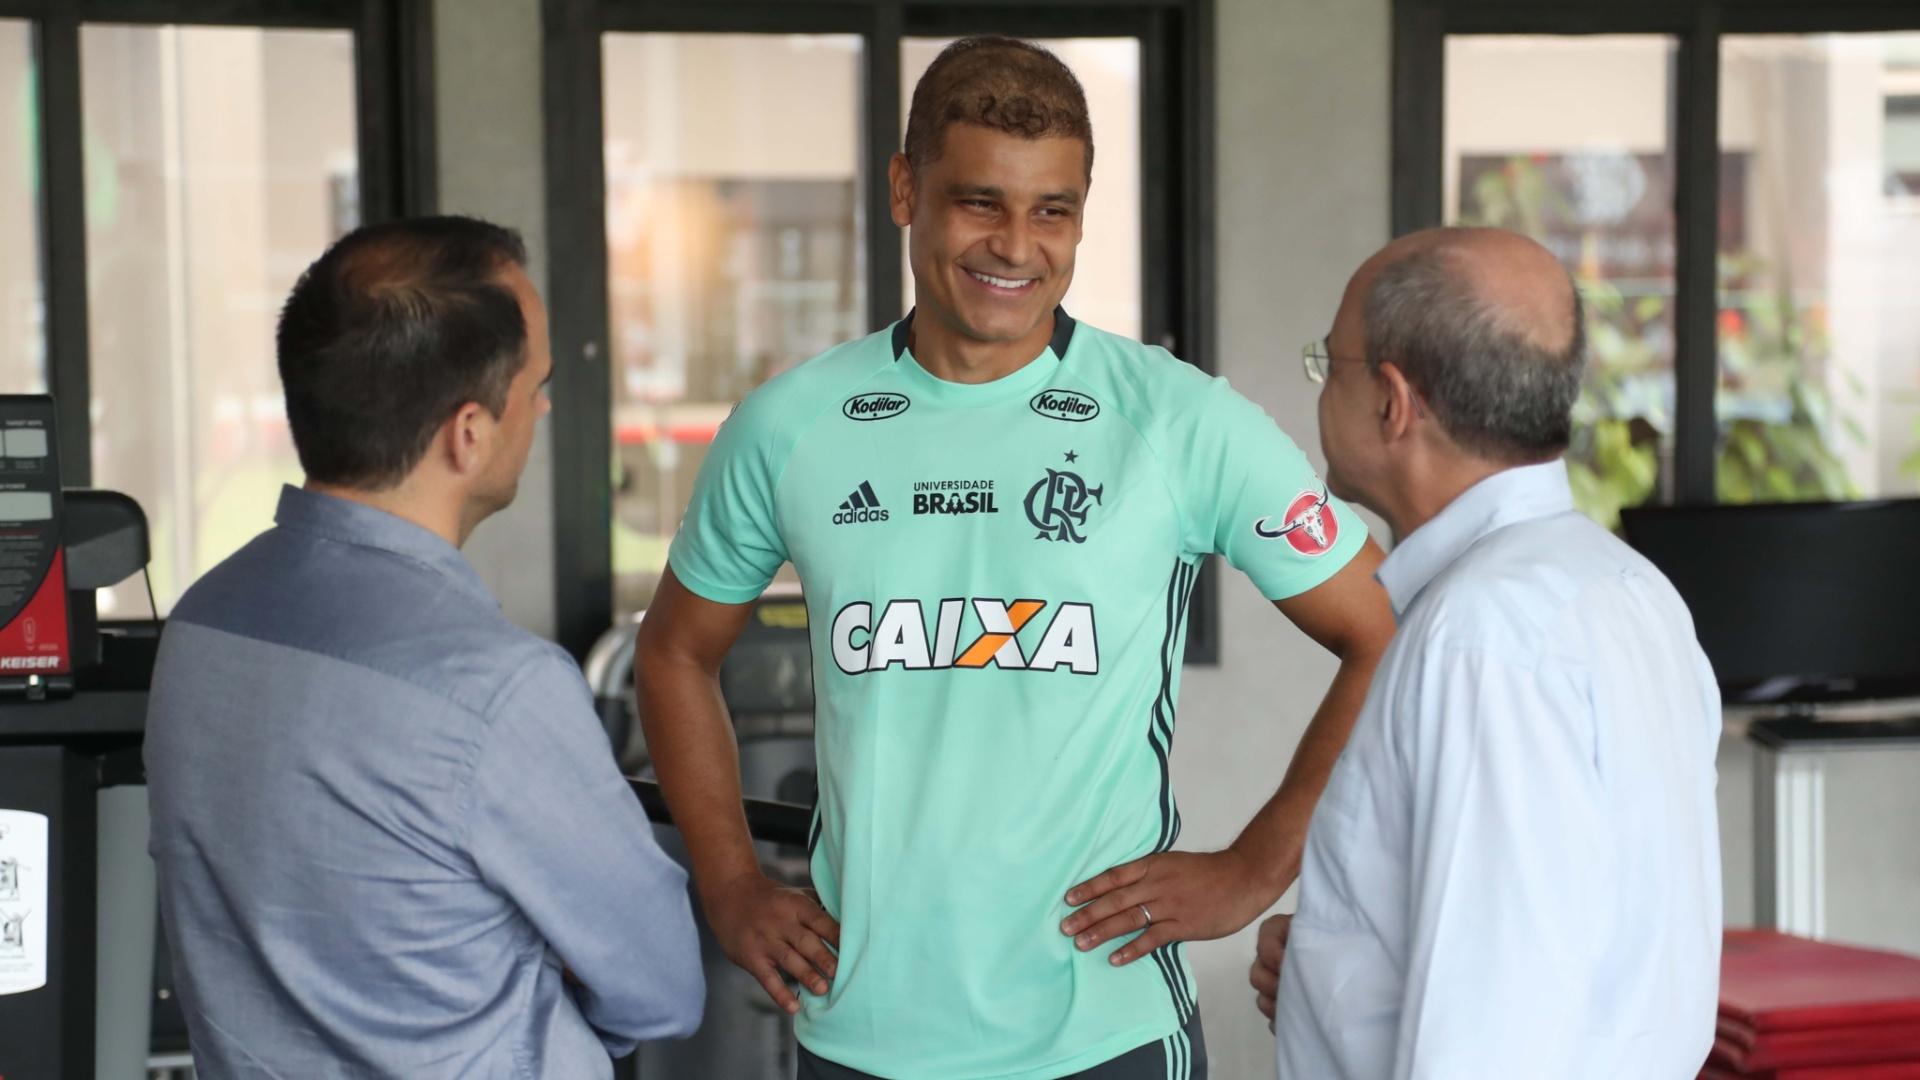 Ederson permanecerá no Flamengo em 2018 após longa batalha contra o câncer no testículo